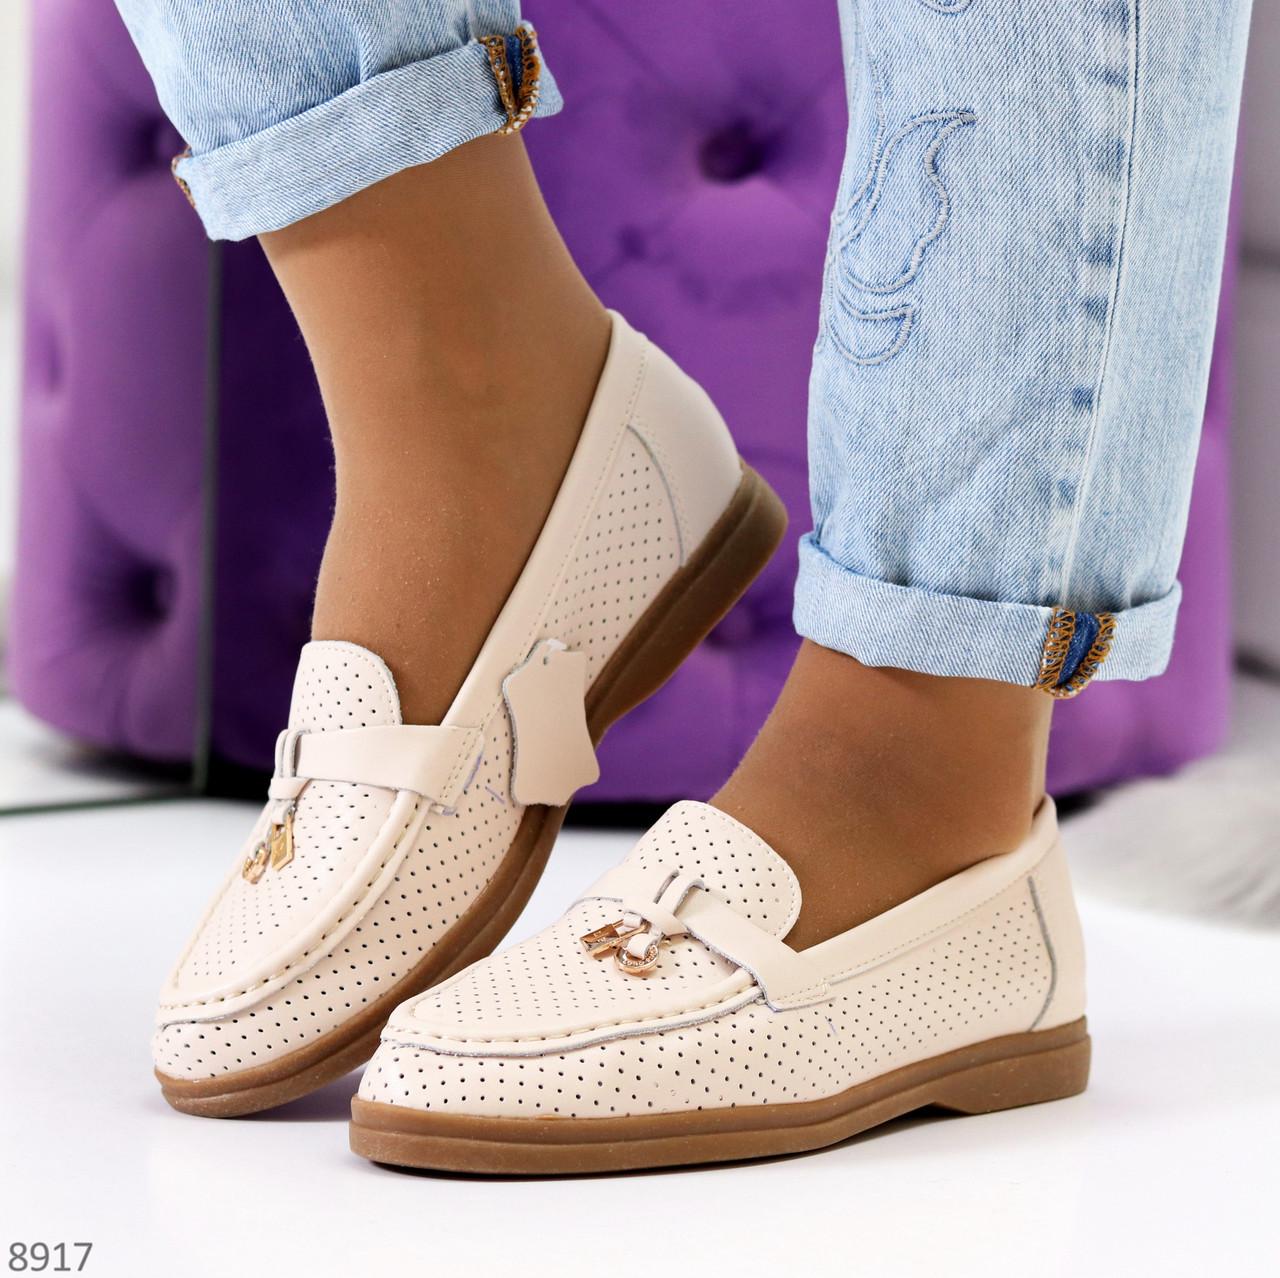 Удобные бежевые женские туфли мокасины из натуральной кожи с перфорацией